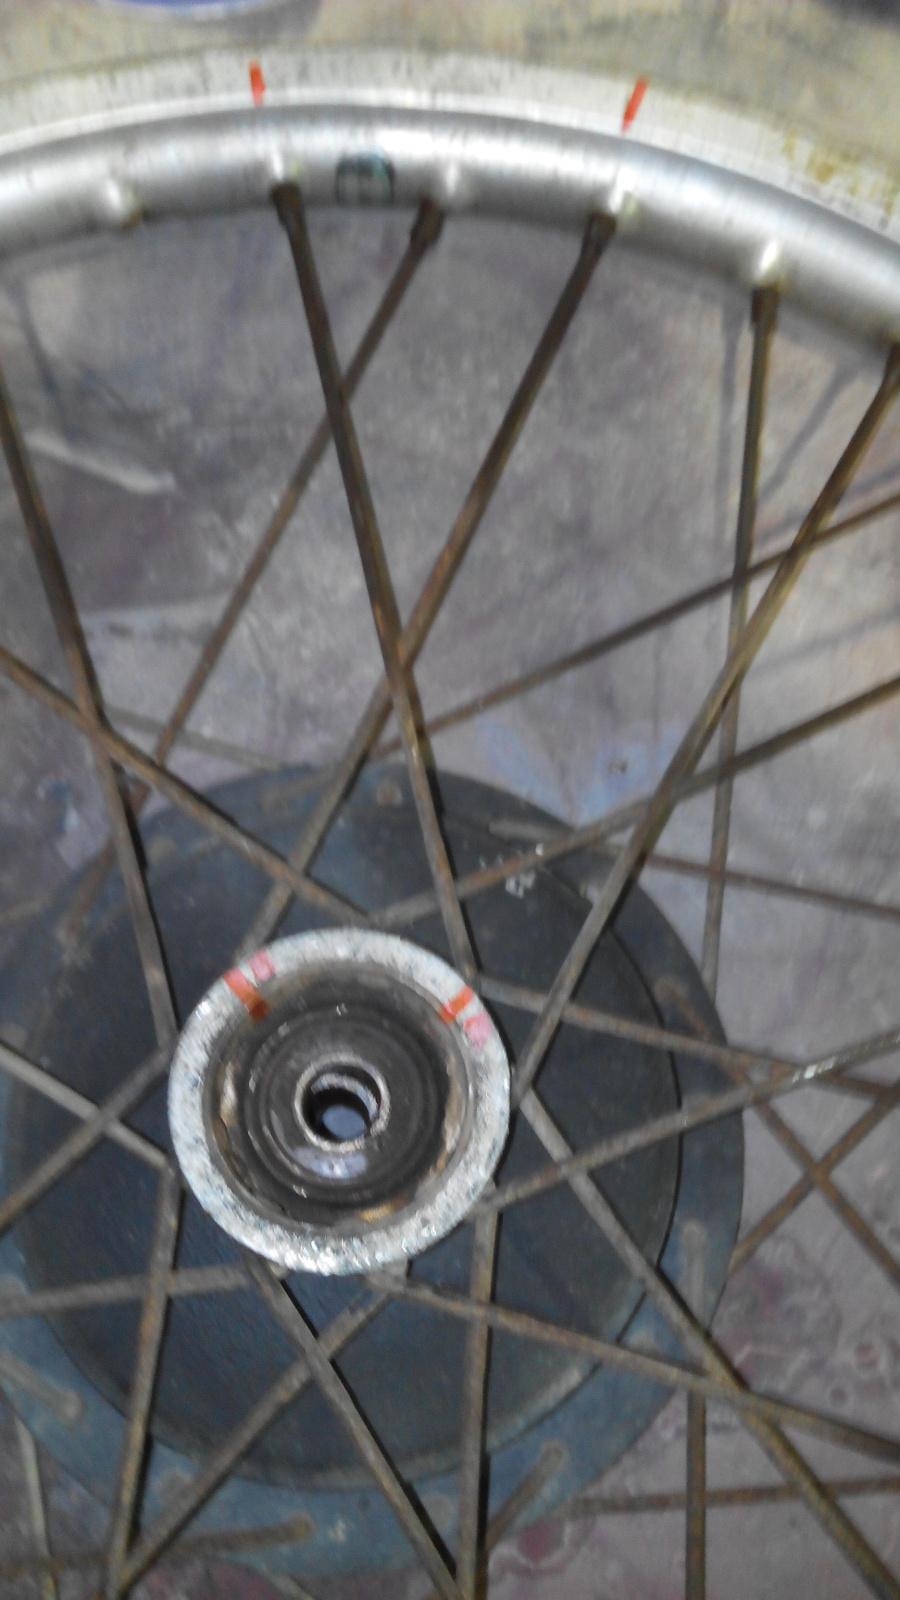 Bultaco MK11 370 - Motor - Página 3 Iw0y11